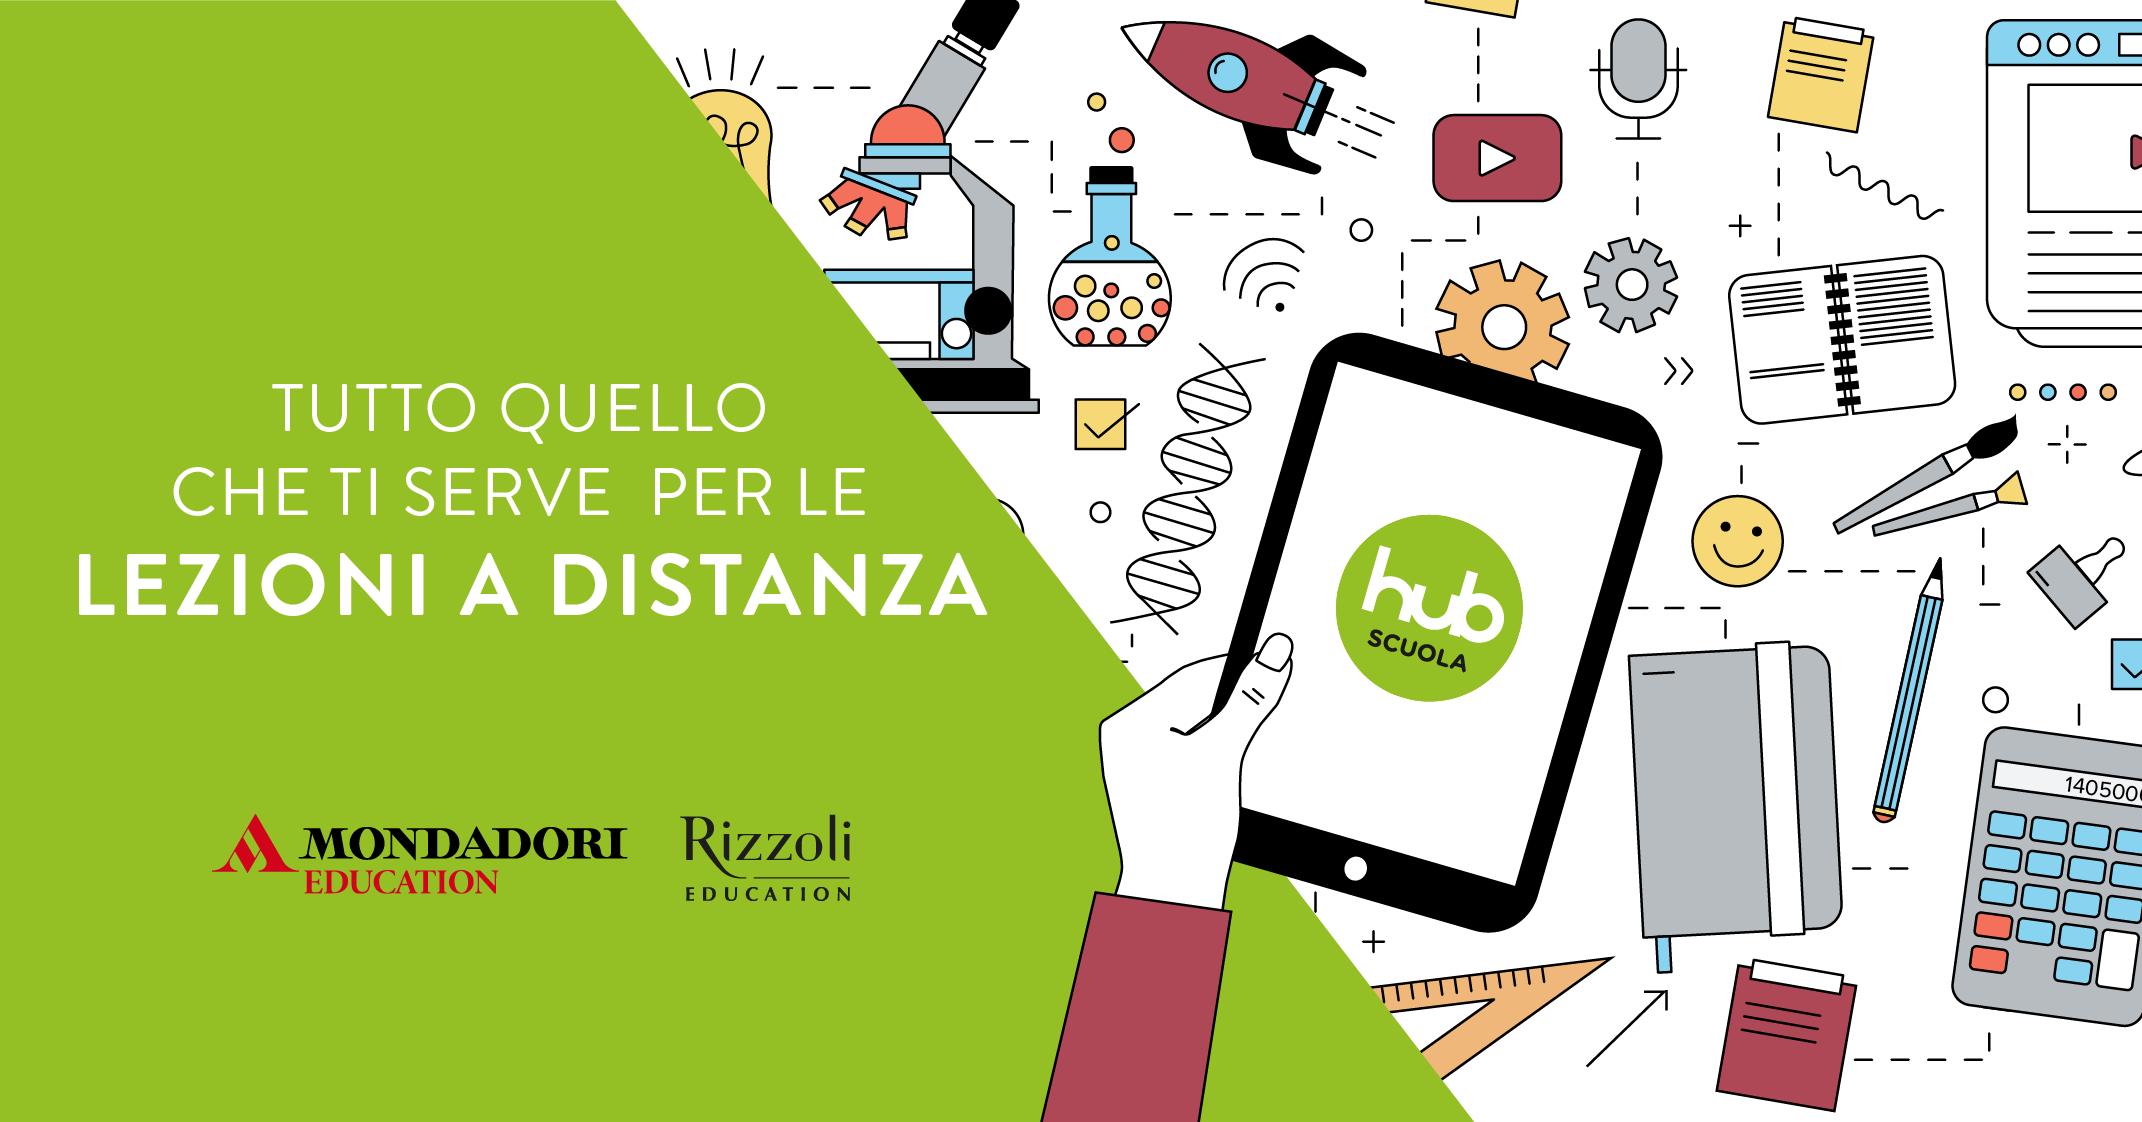 Da Rizzoli Education e Mondadori Education trovi tutto quello che serve per la didattica a distanza